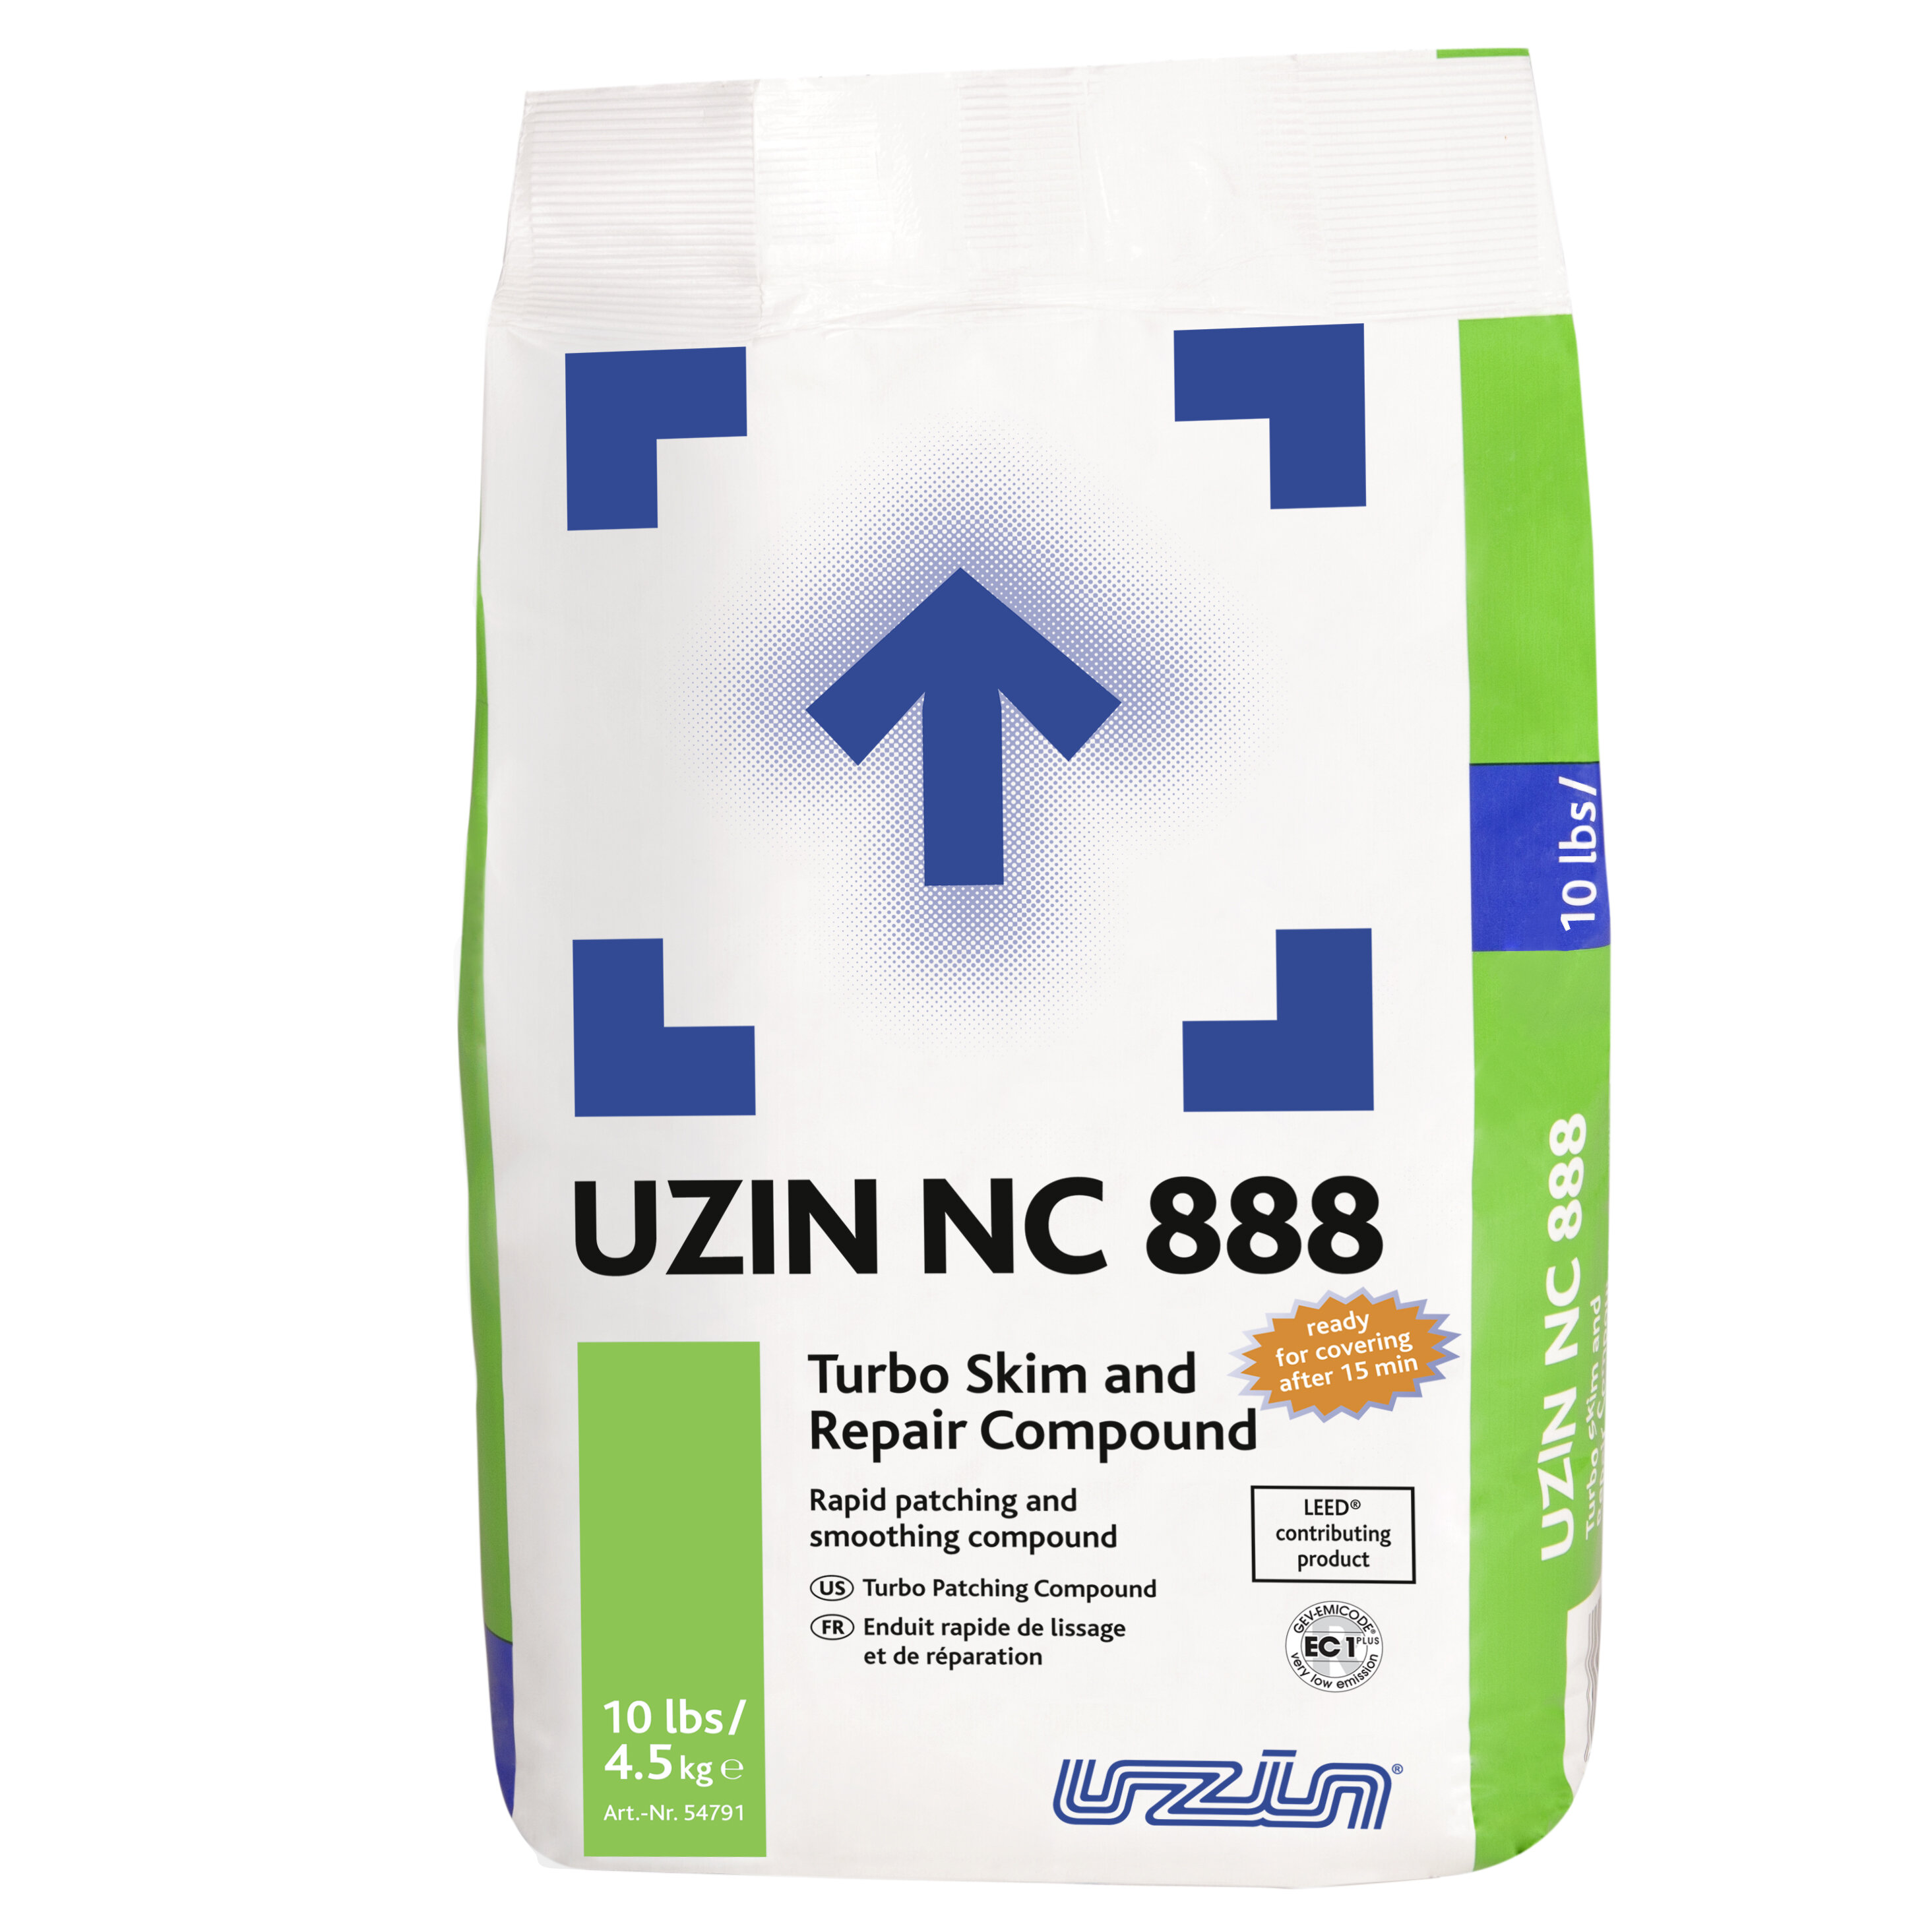 UZIN NC888 4.5kg BAG (160 PER PLT)